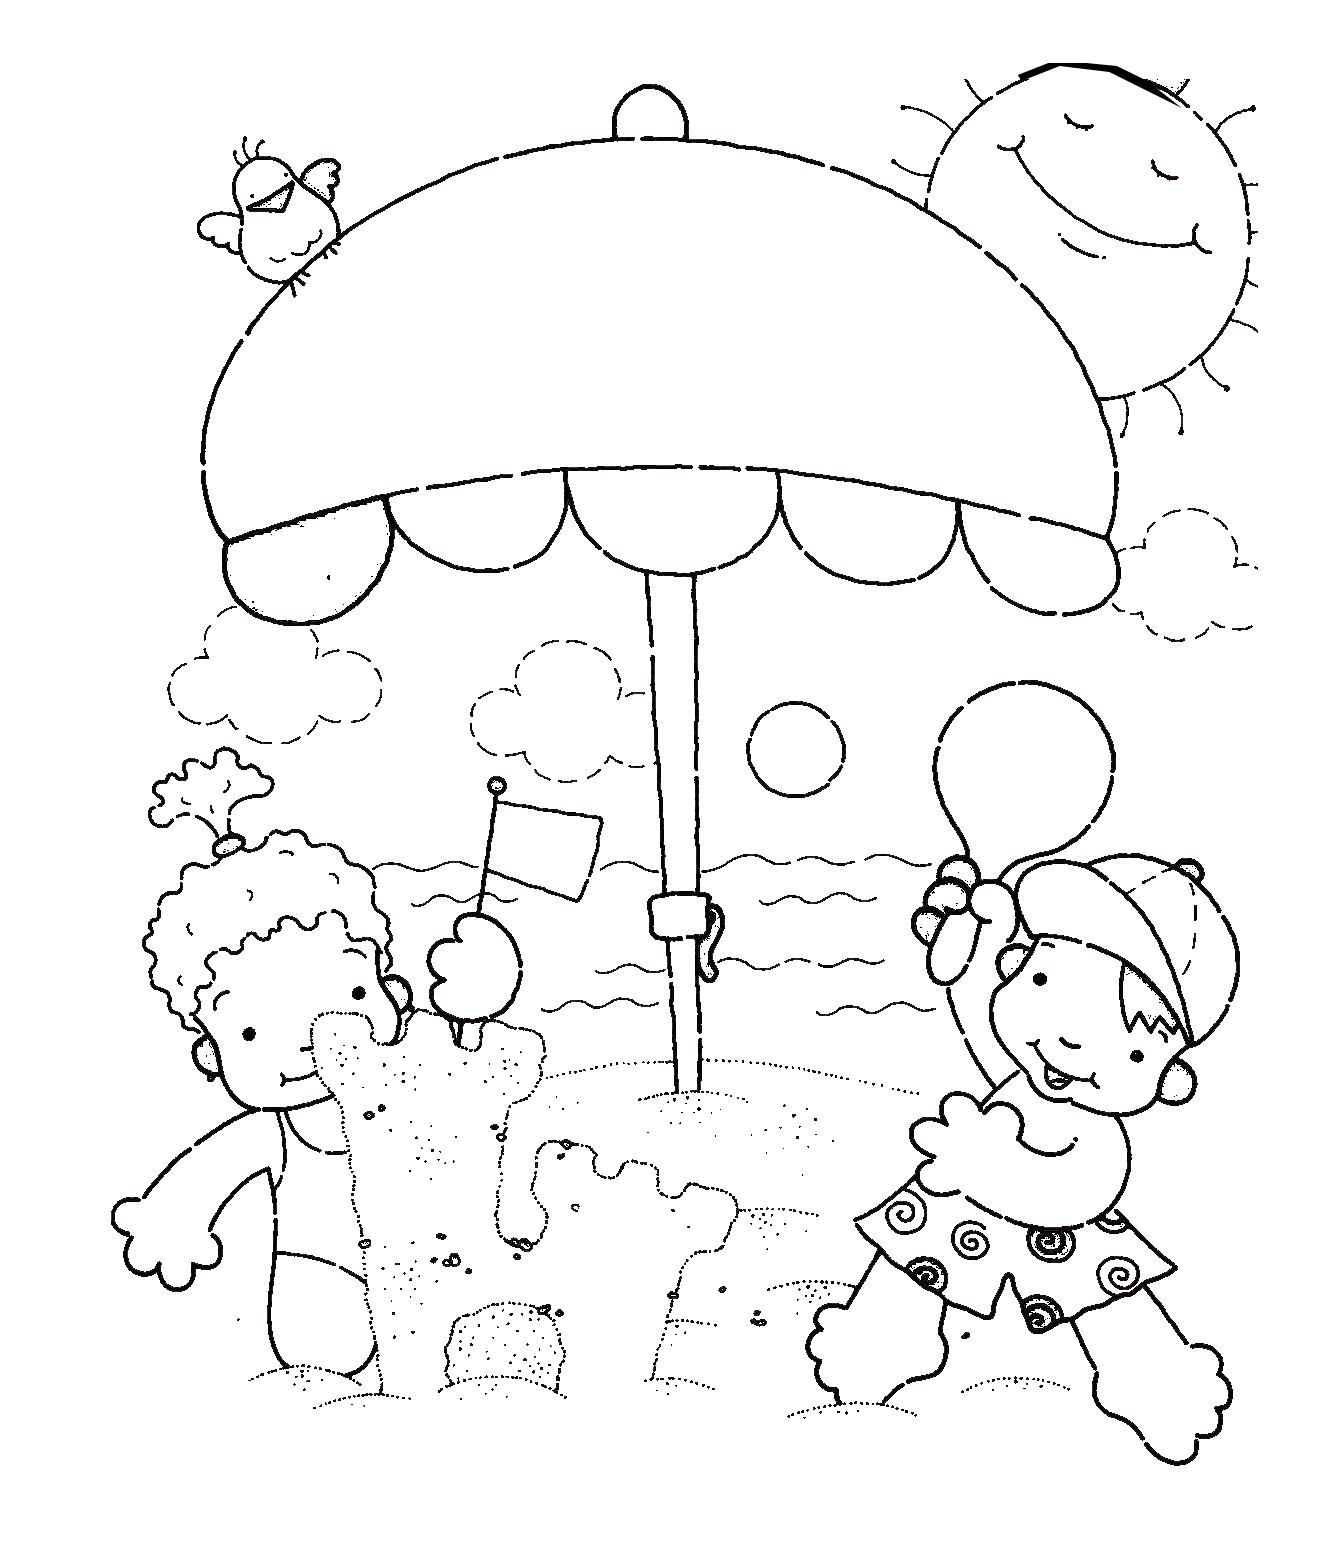 Excepcional Vacaciones Para Colorear Para Imprimir Páginas 2 Ideas ...